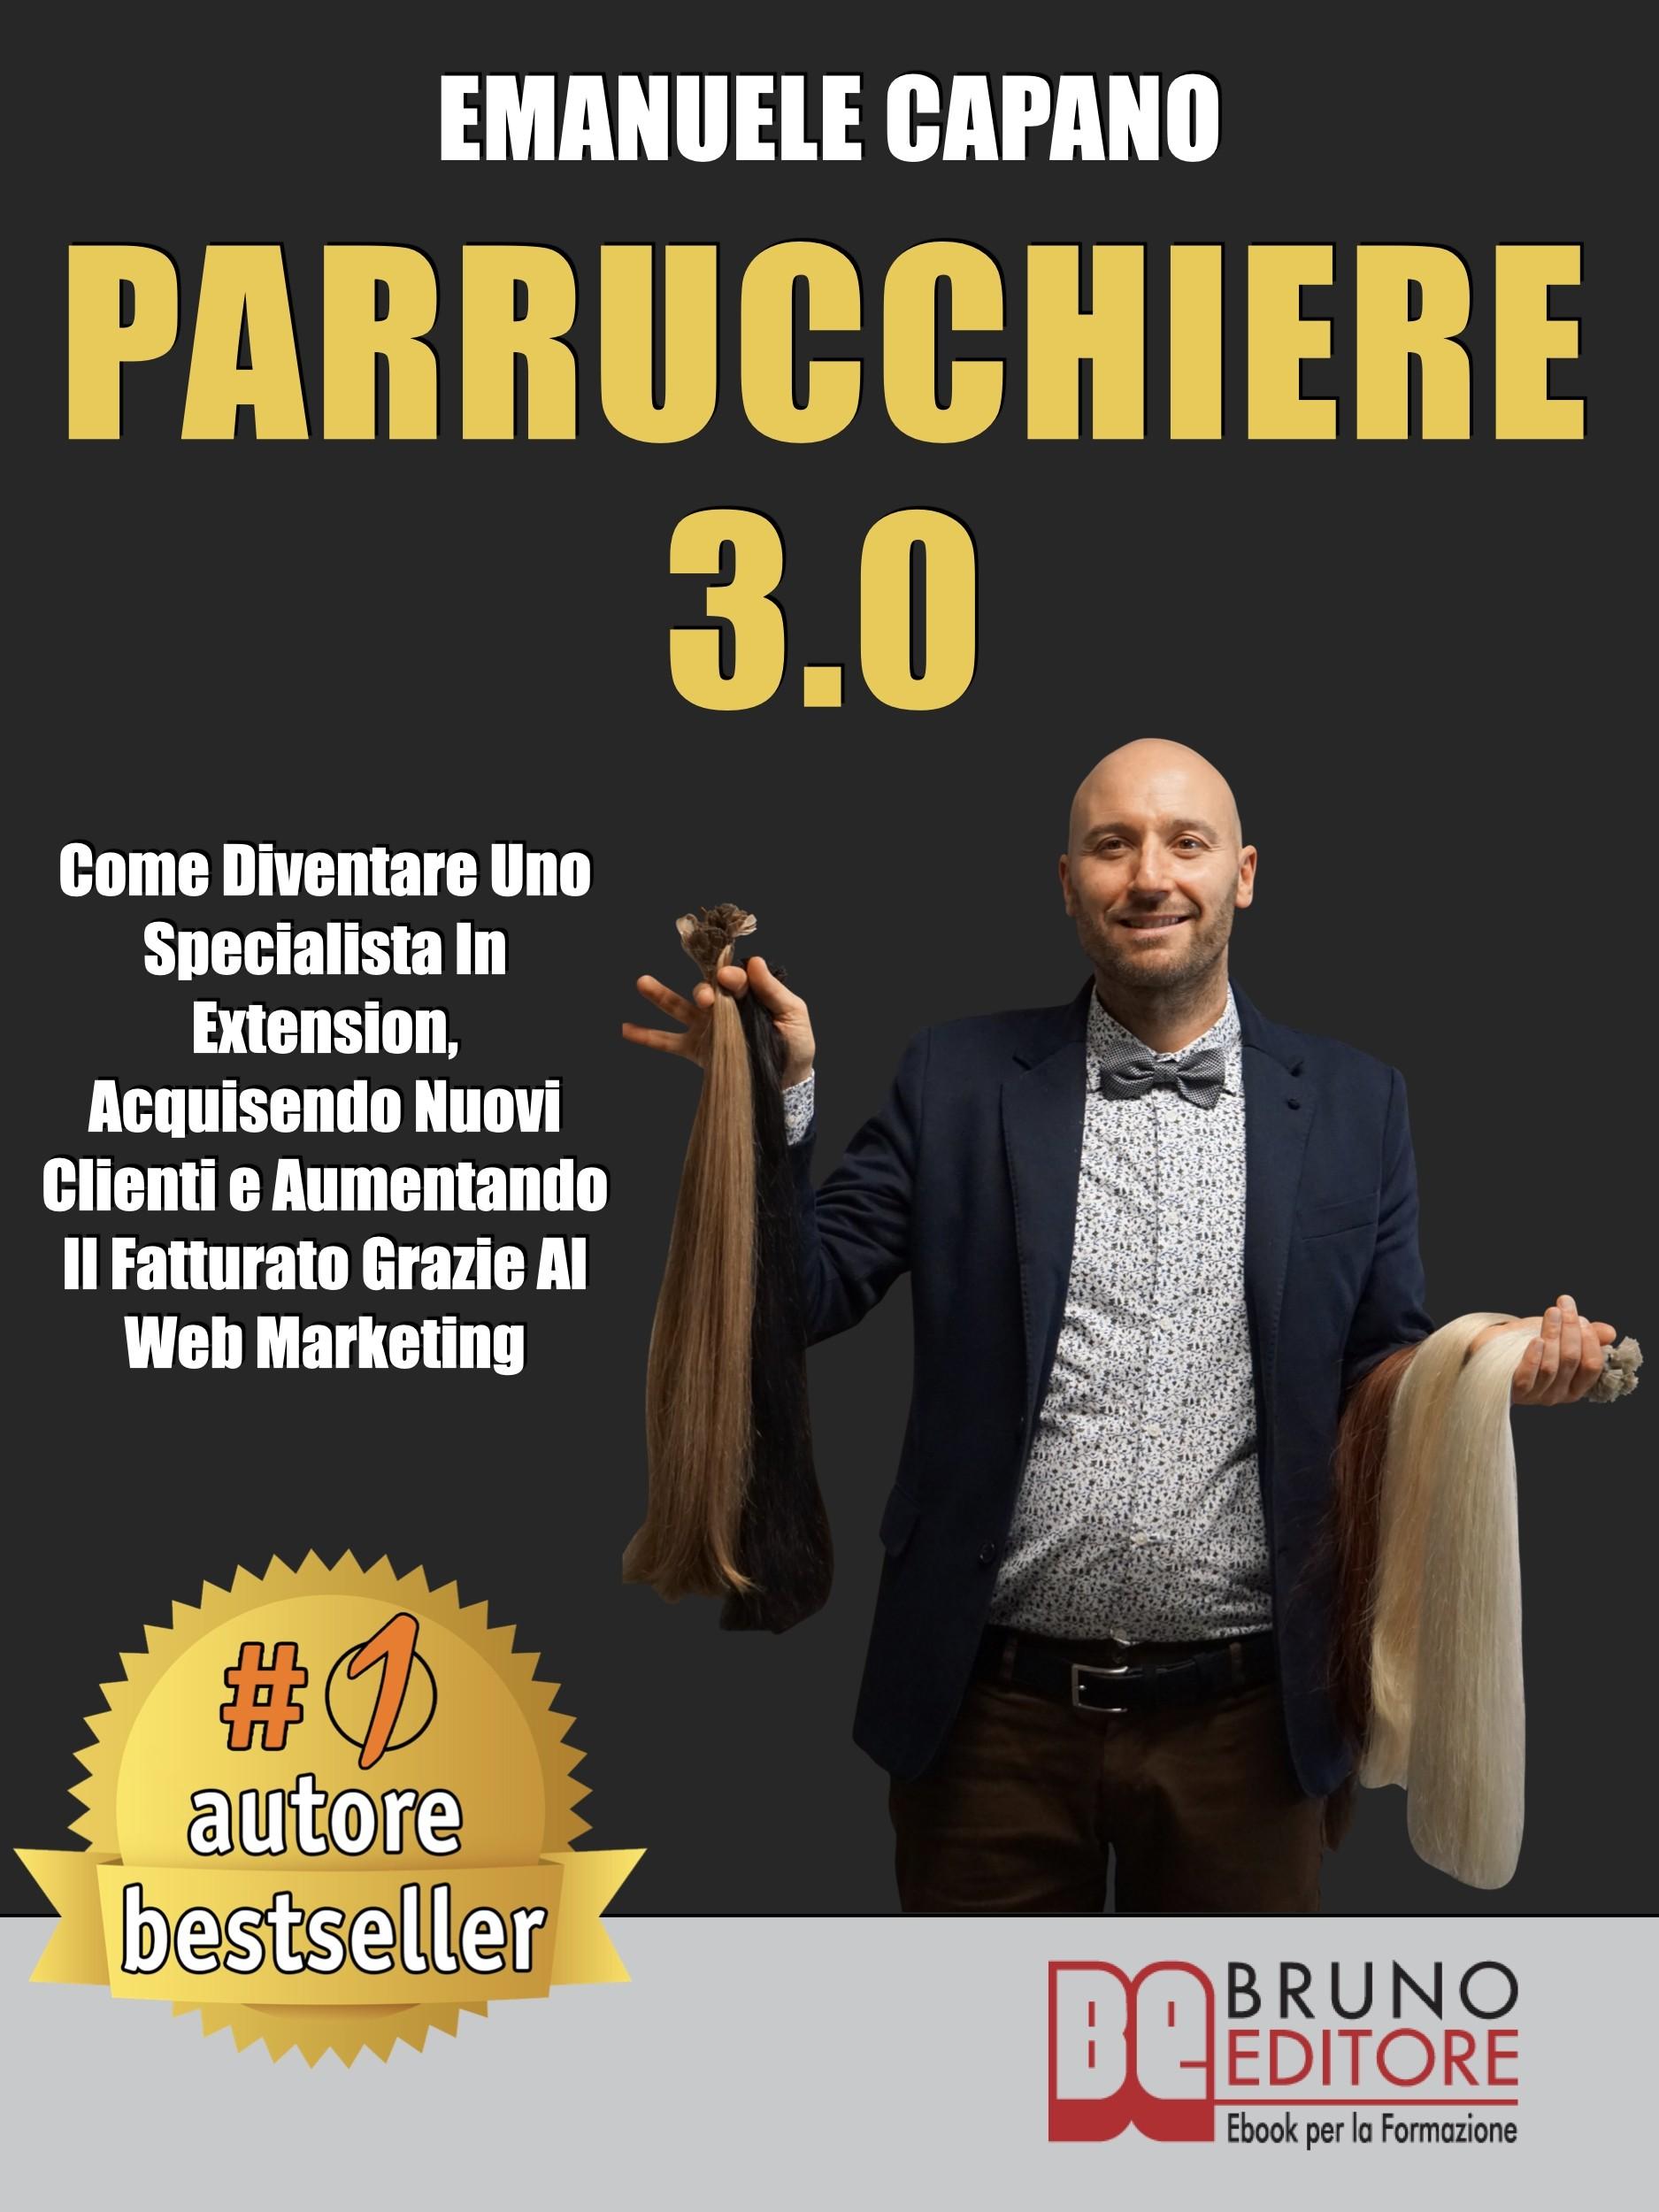 Parrucchiere 3.0